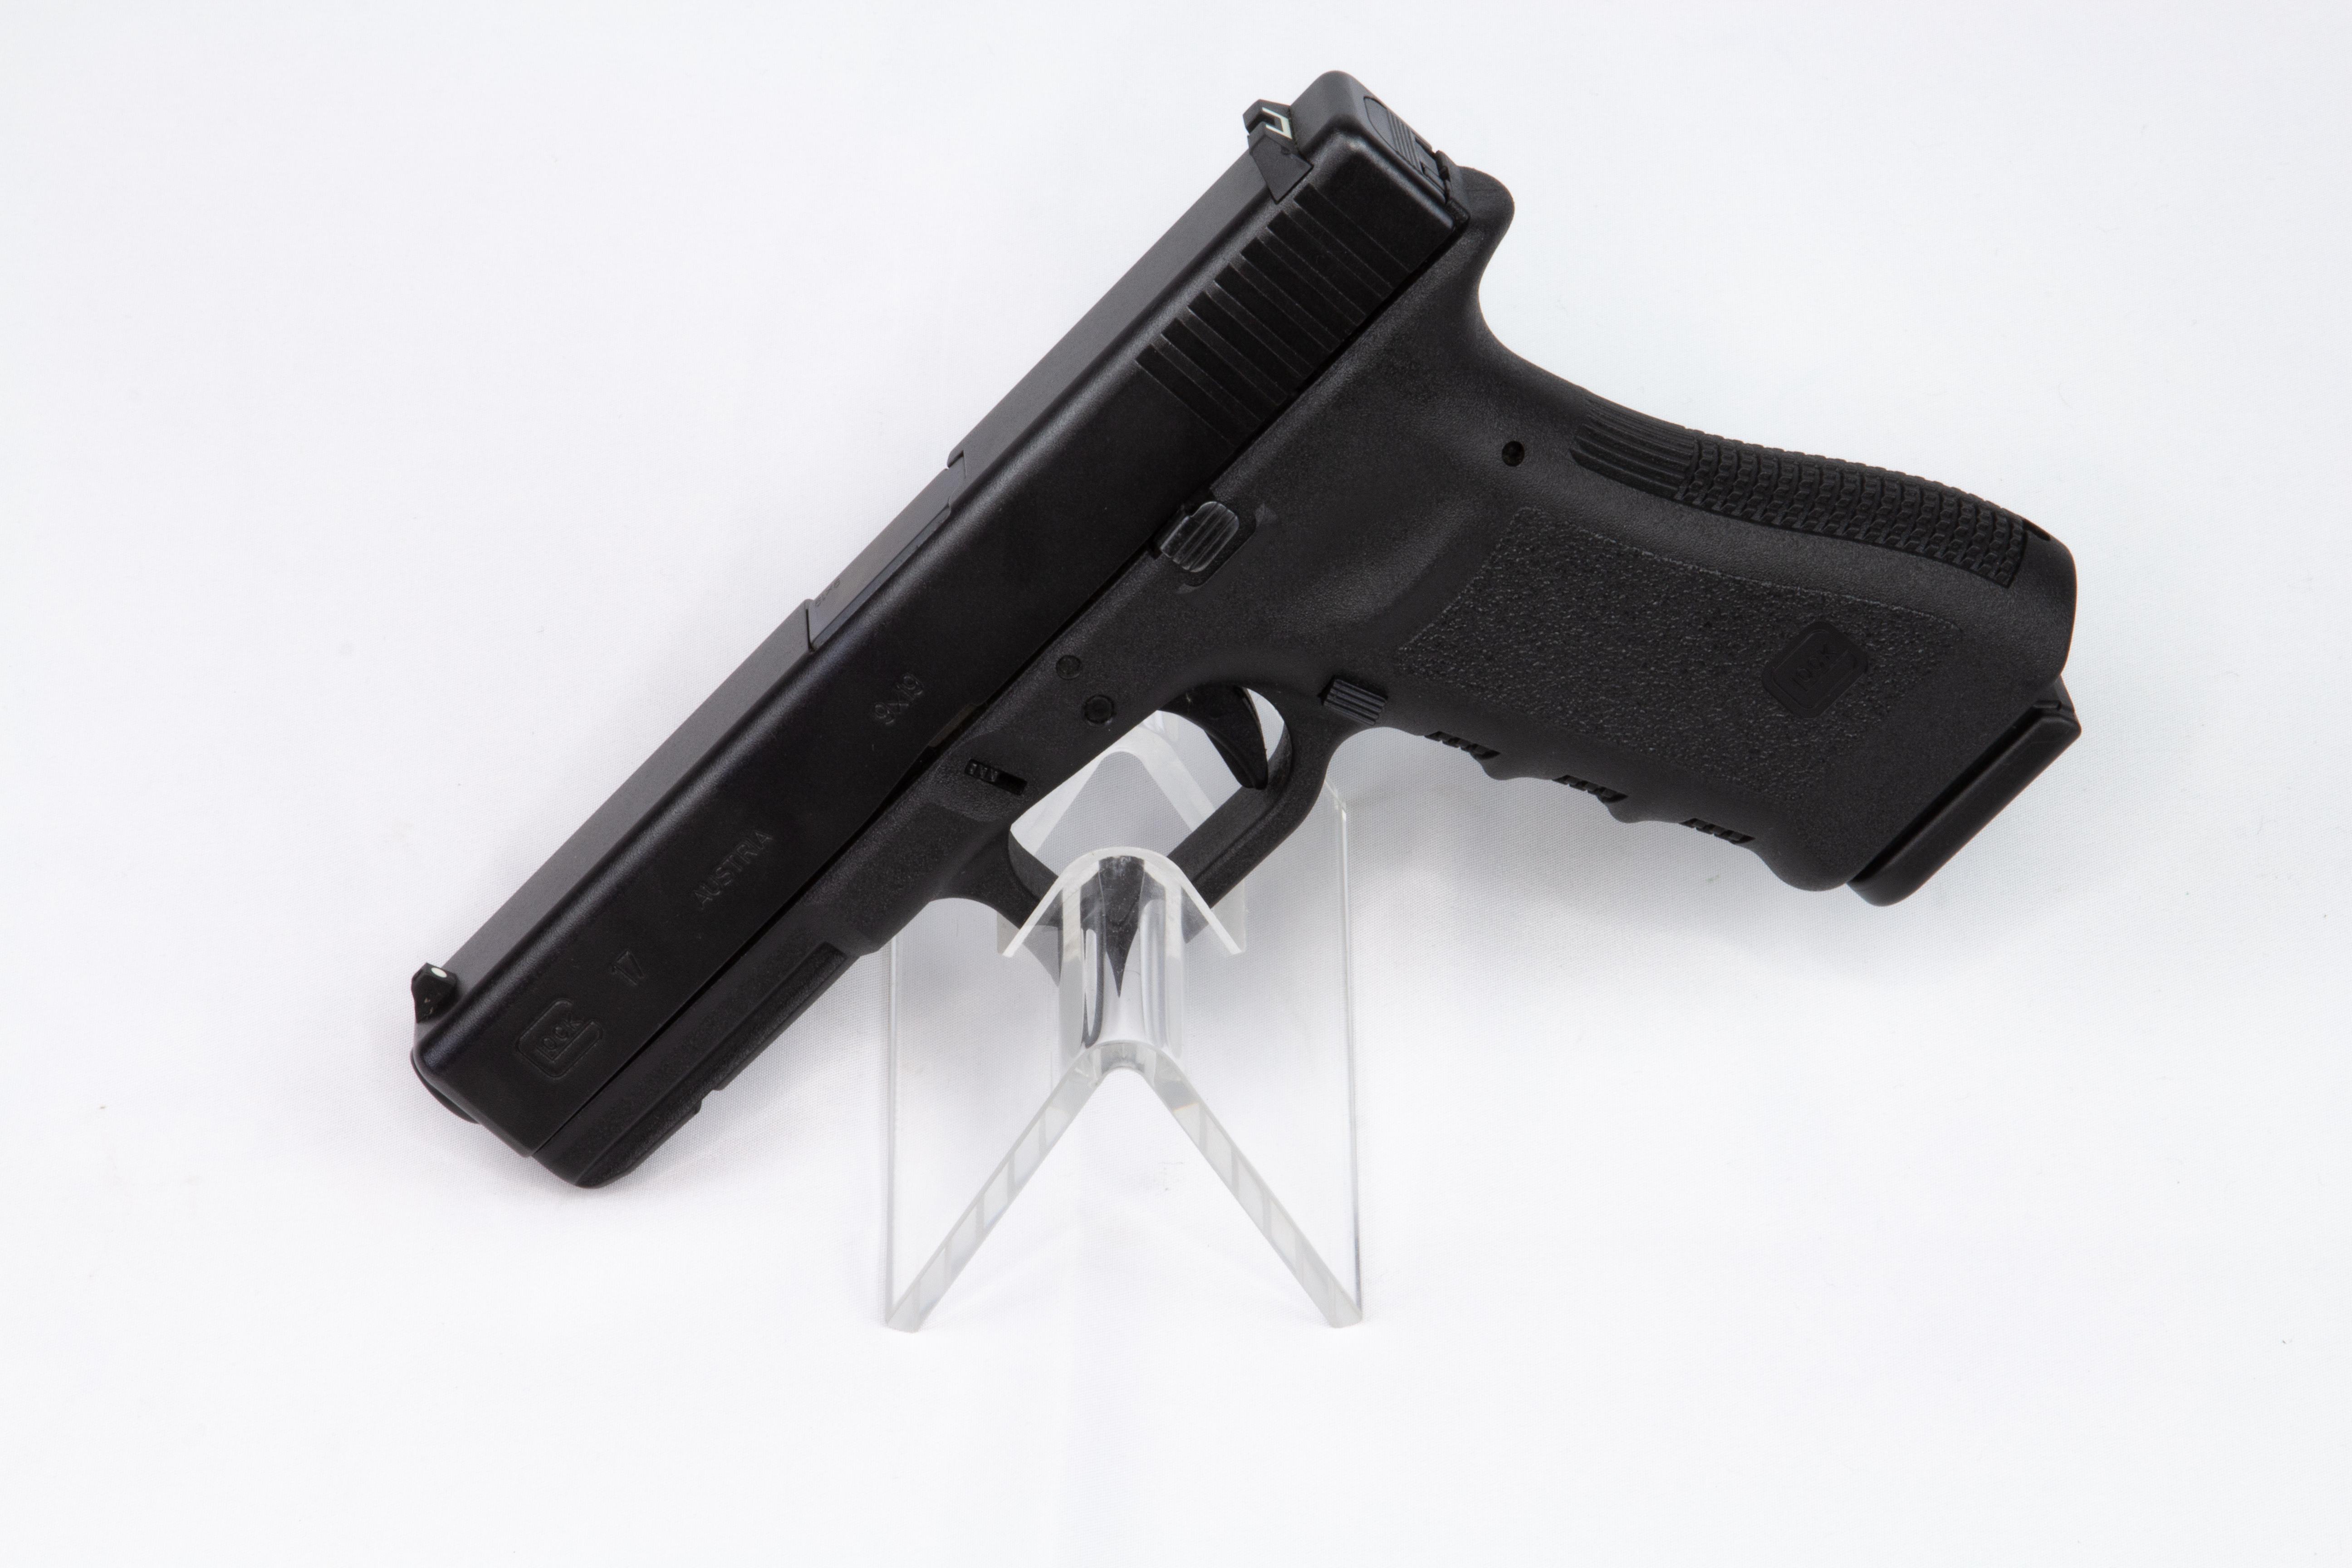 gebr. GLOCK Pistole Mod. 17 Gen. 5